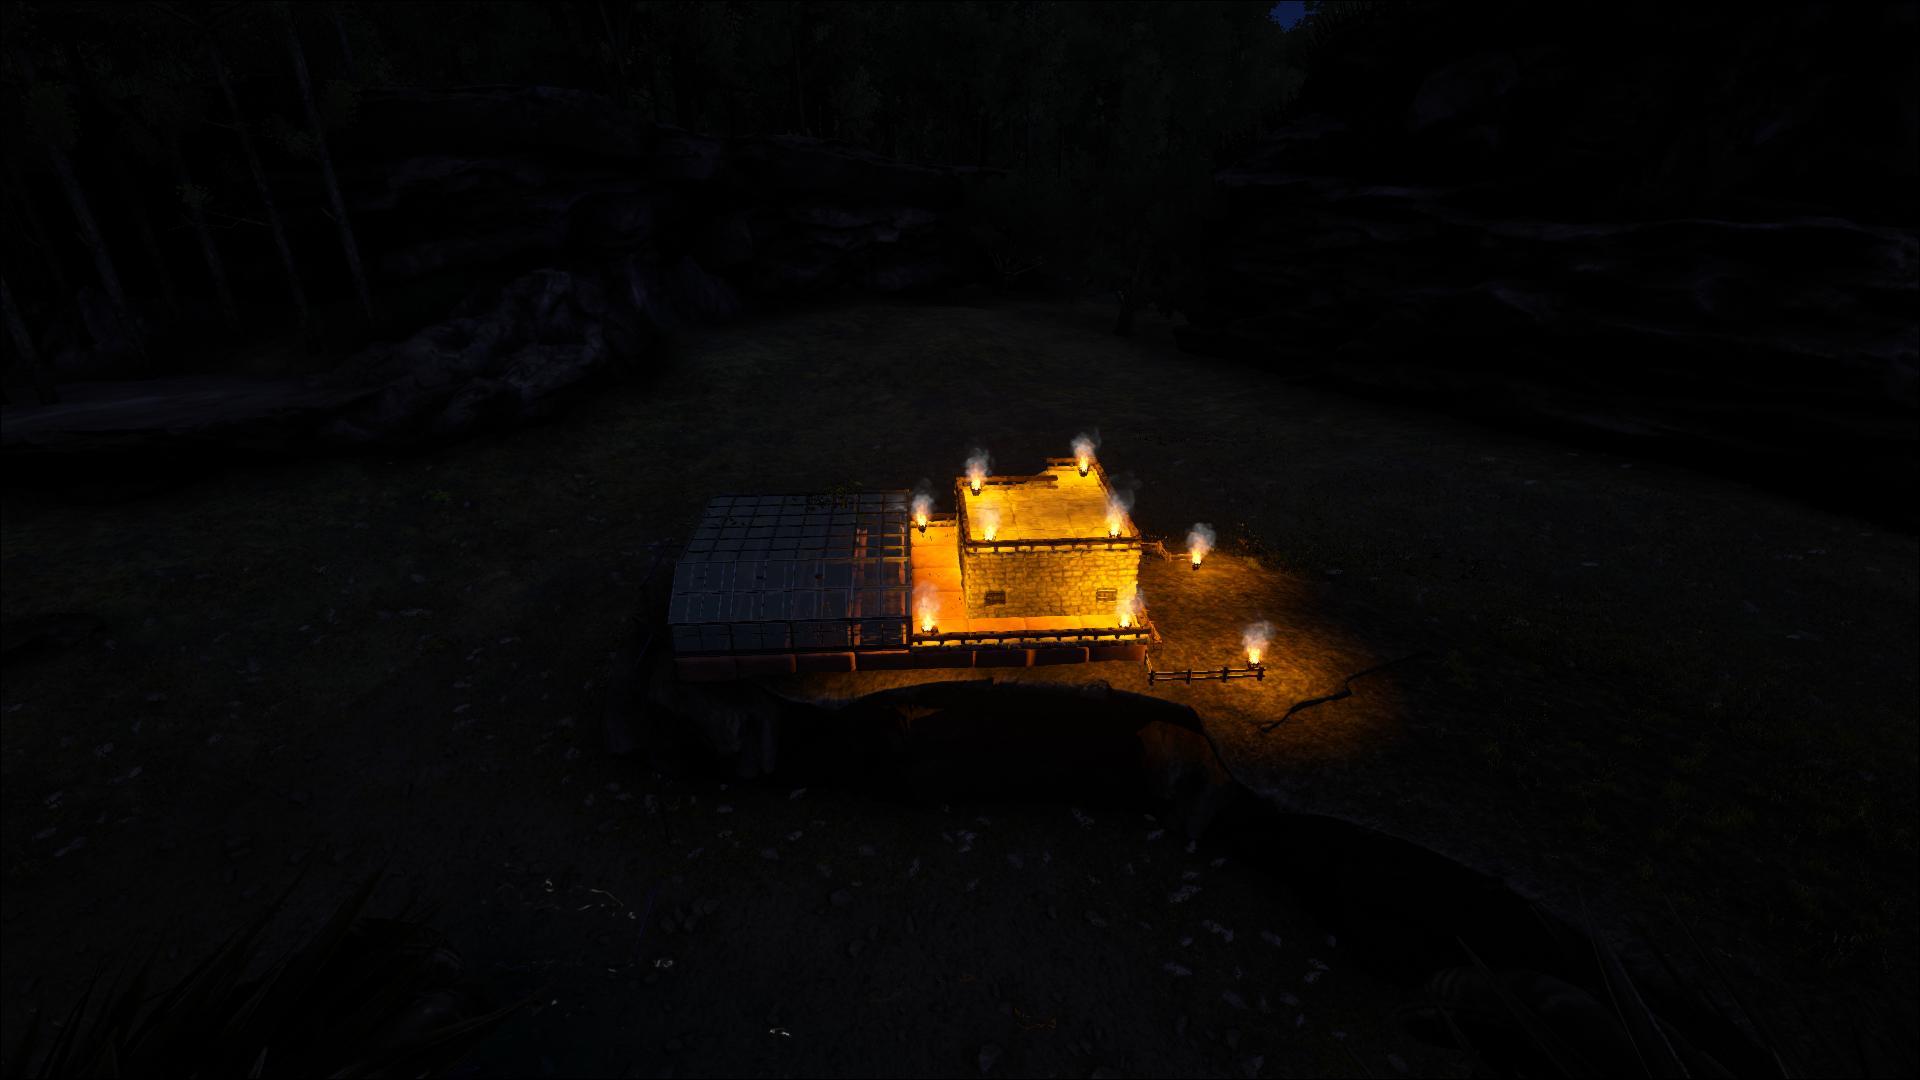 kleines gew chshaus mit pension gallery ark survival evolved forum und community deutsch. Black Bedroom Furniture Sets. Home Design Ideas